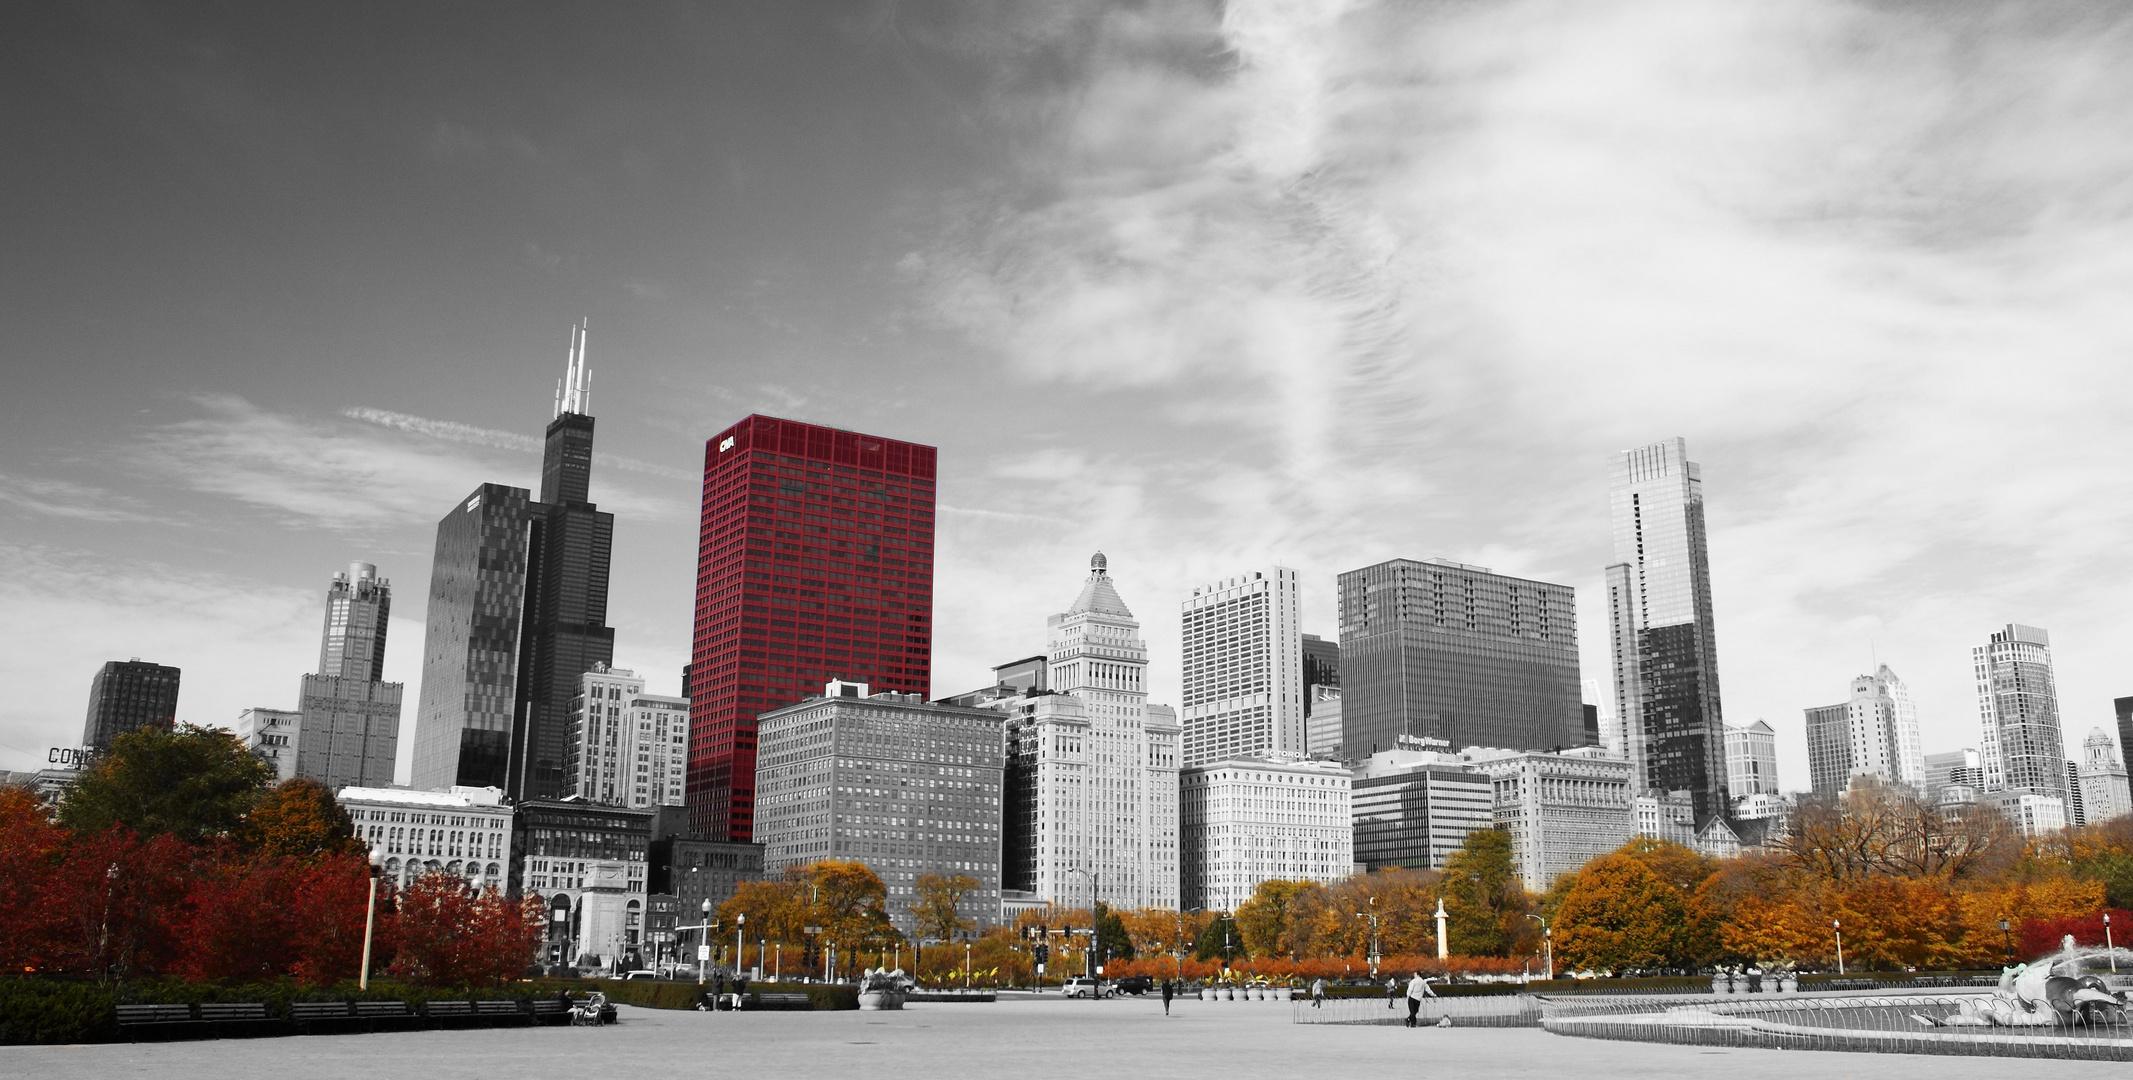 - Chicago im Herbst -